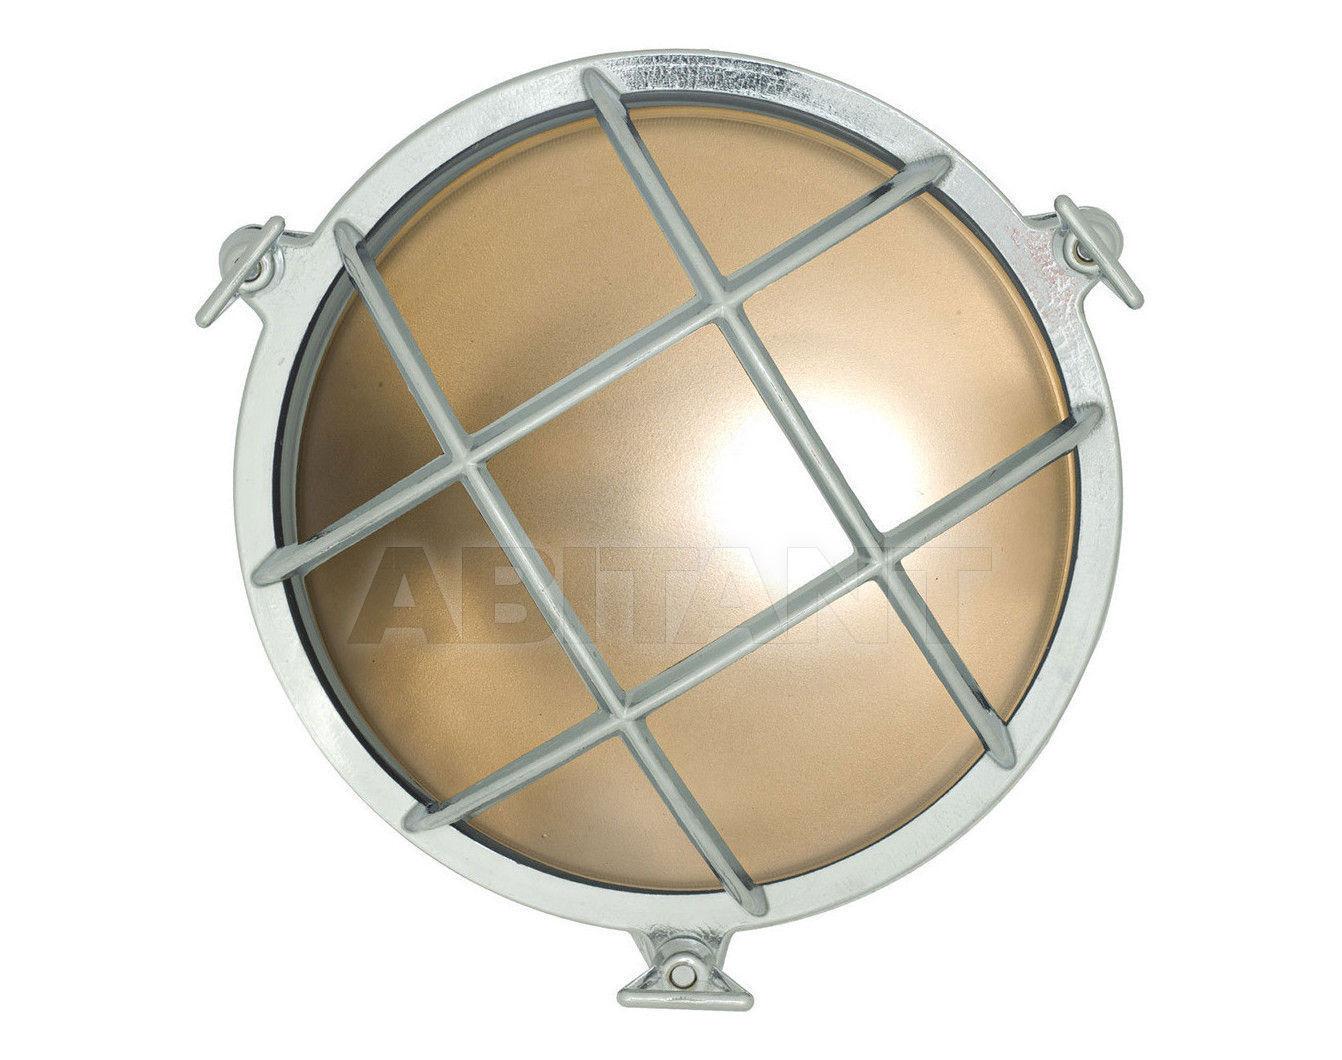 Купить Светильник Davey Lighting Bulkhead Lights 7027/CP